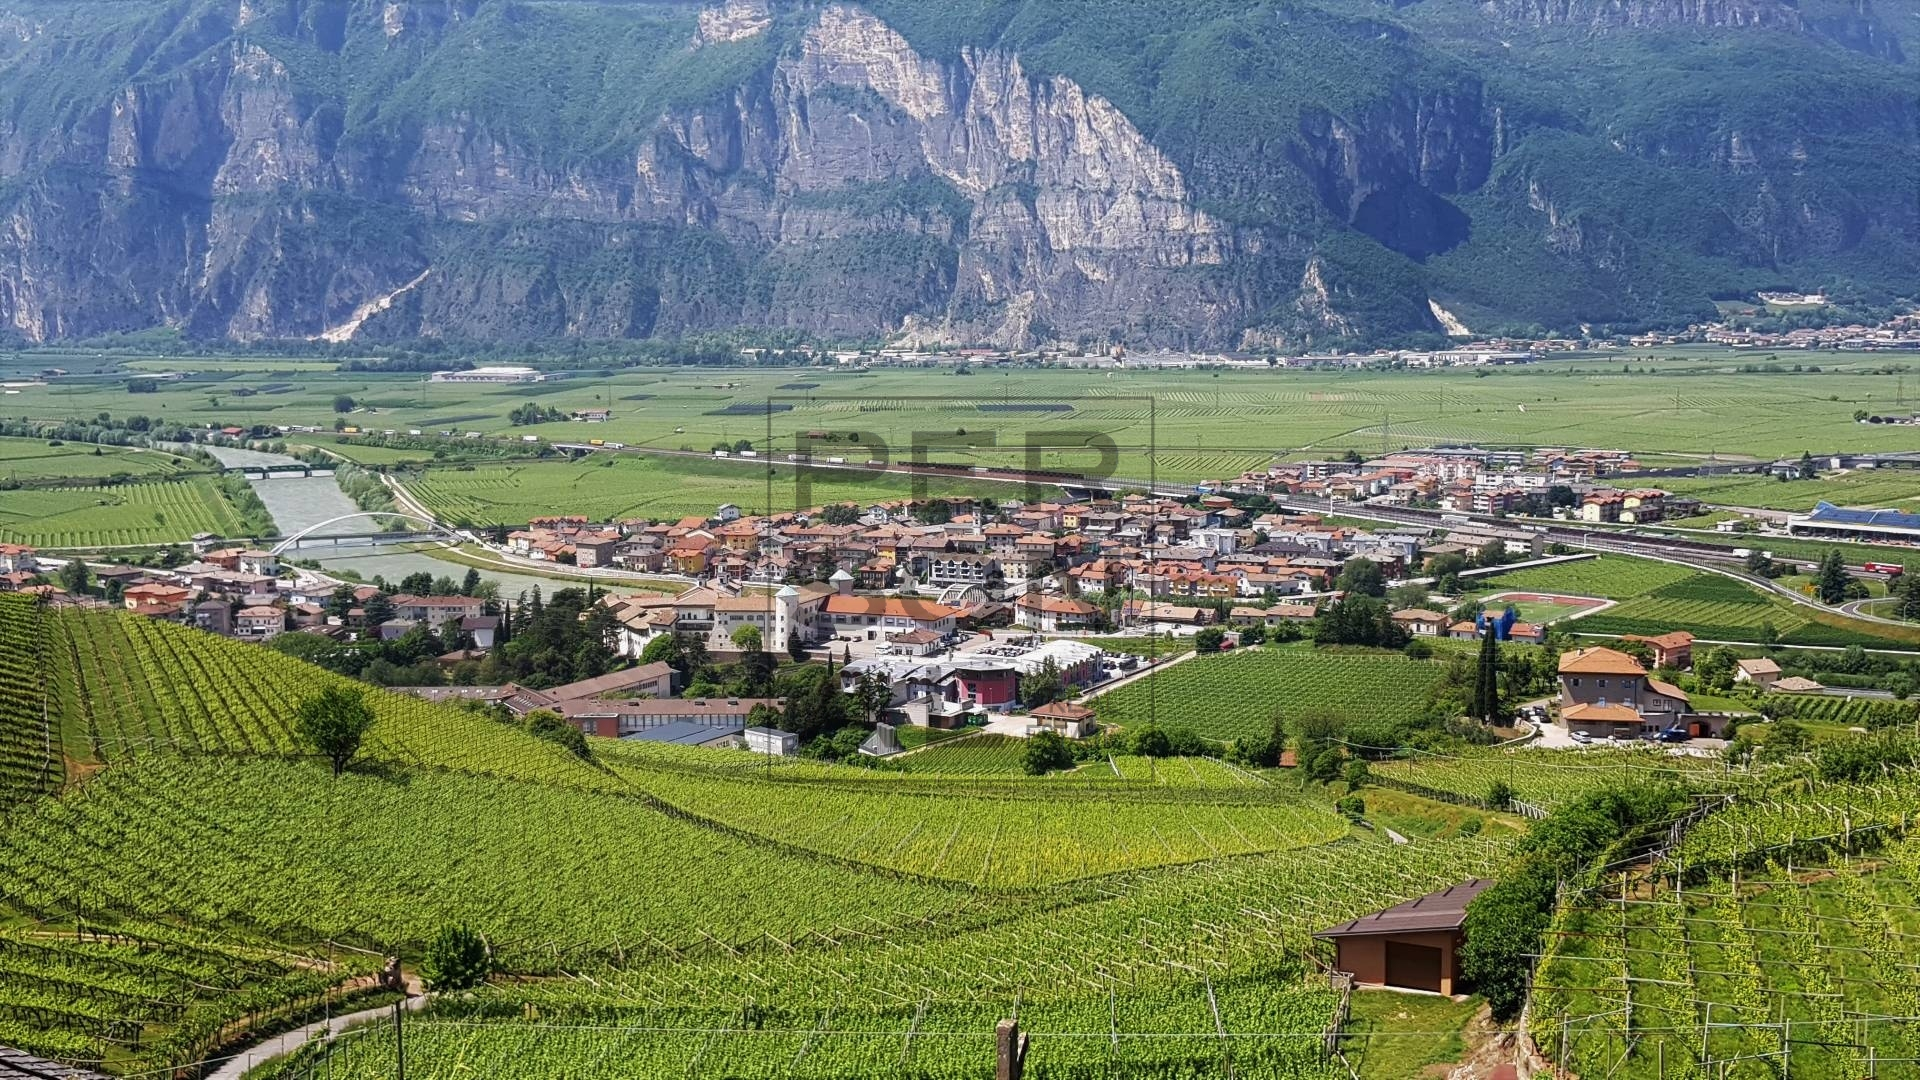 Appartamento in affitto a San Michele all'Adige, 2 locali, zona Zona: Grumo, prezzo € 600 | CambioCasa.it